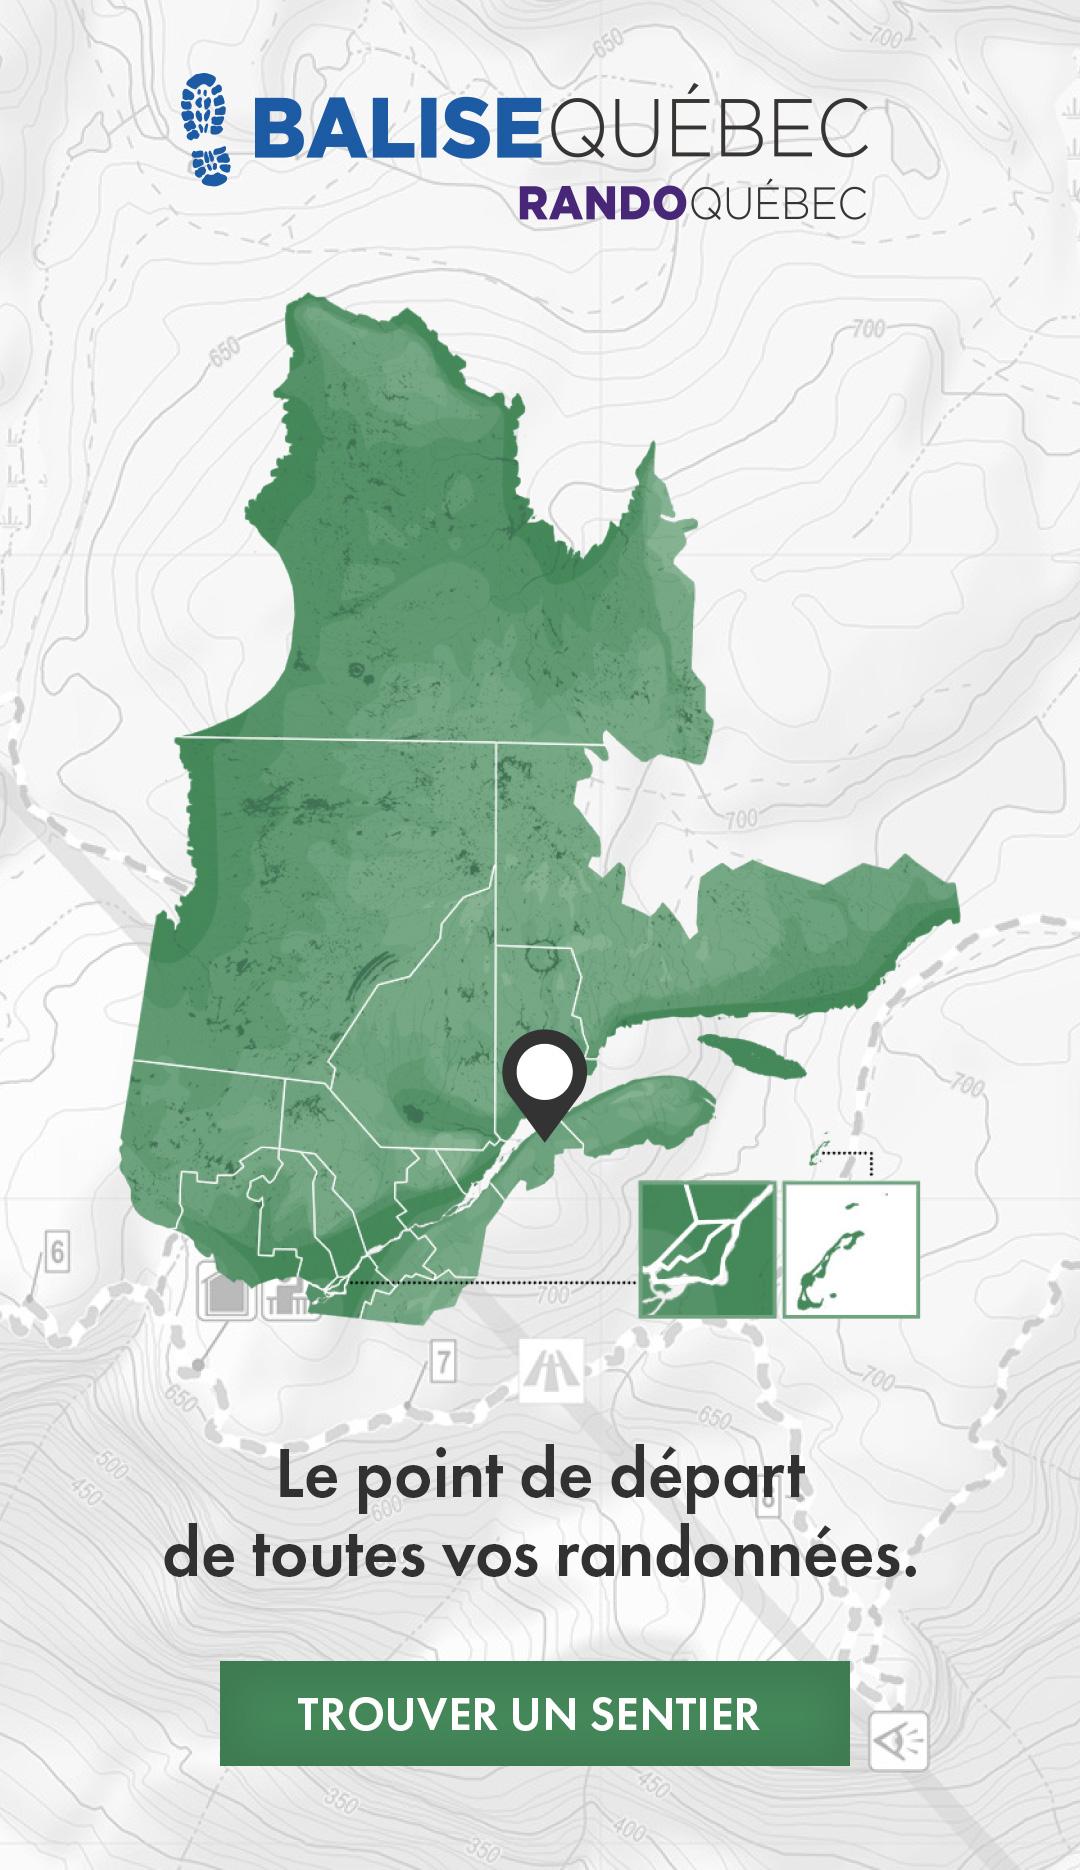 Balise Québec - Trouver un sentier